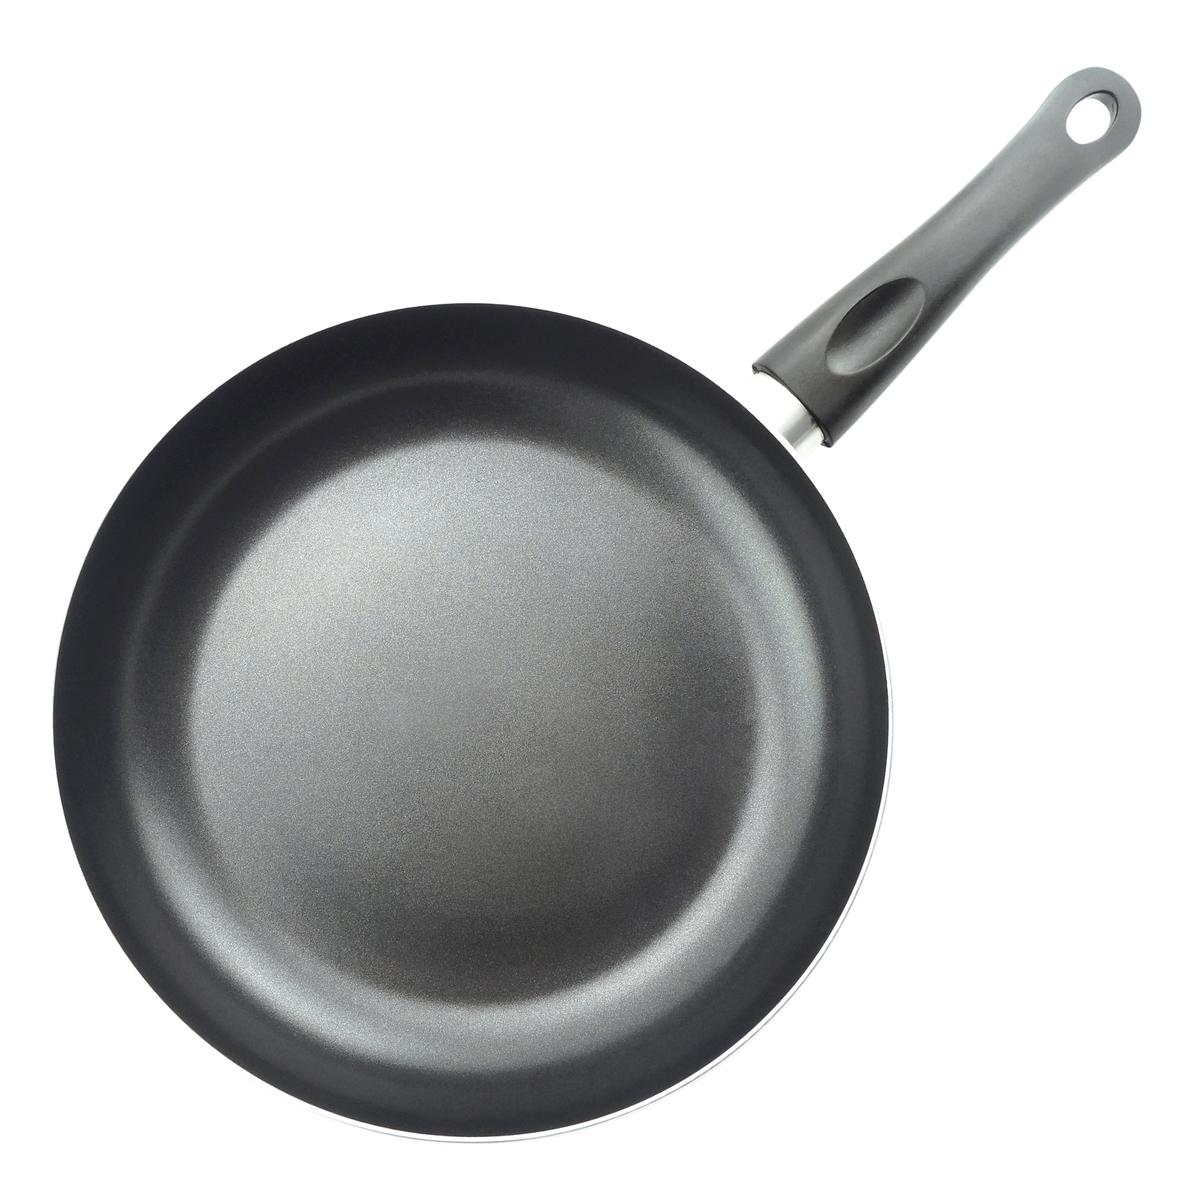 20cm易潔煎鍋 (Teflon Classic) - FP20TC